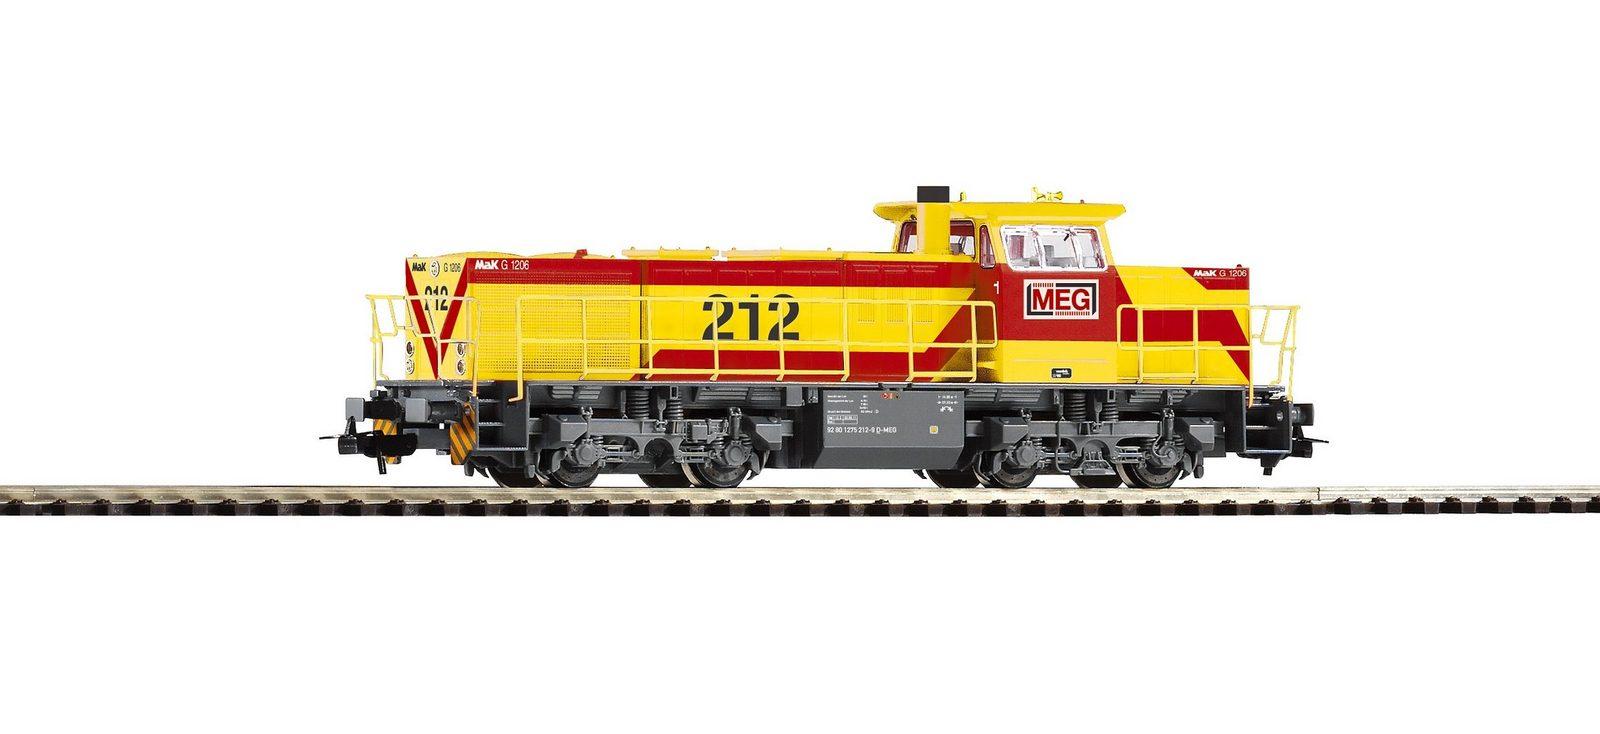 PIKO Diesellok, »Diesellokomotive G 1206 MEG - Wechselstrom« Spur H0 - broschei